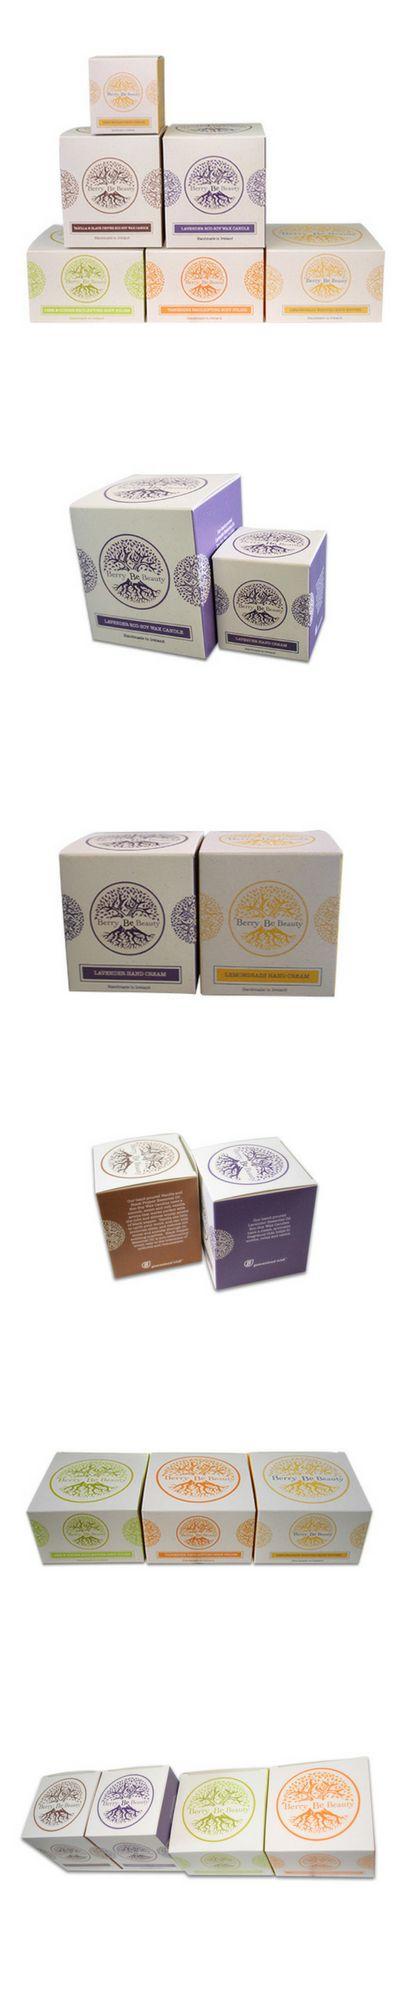 beauty packaging printed digitally by esmark finch.